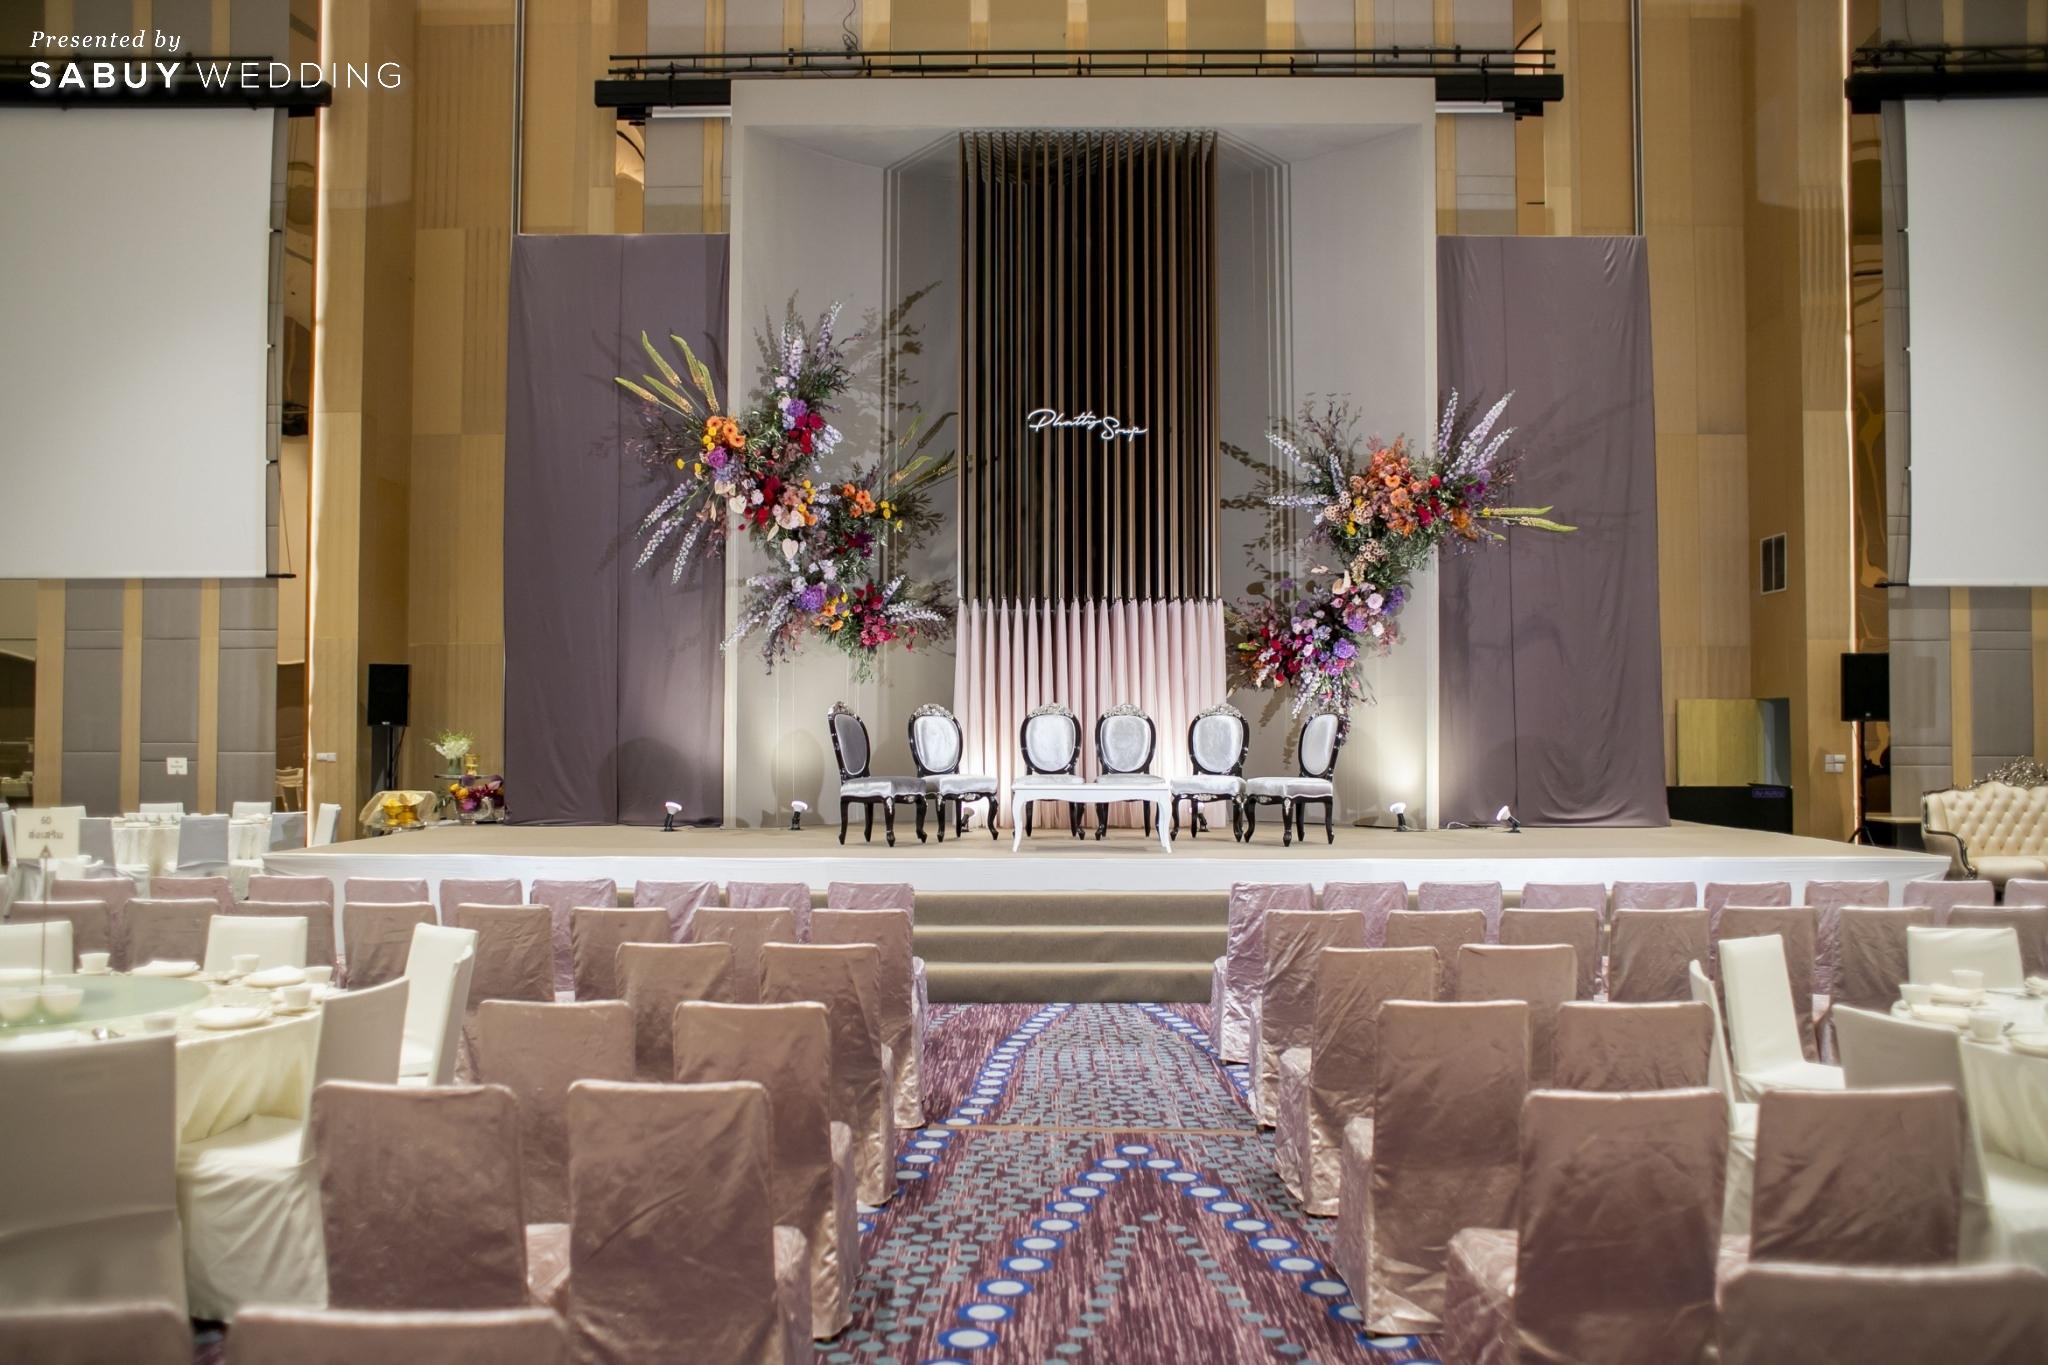 สถานที่แต่งงาน,สถานที่จัดงานแต่งงาน,โรงแรม รีวิวงานแต่งแซ่บจี๊ดใจ สวยสดใสด้วยโทนสี Colorful @ AVANI+ Riverside Bangkok Hotel